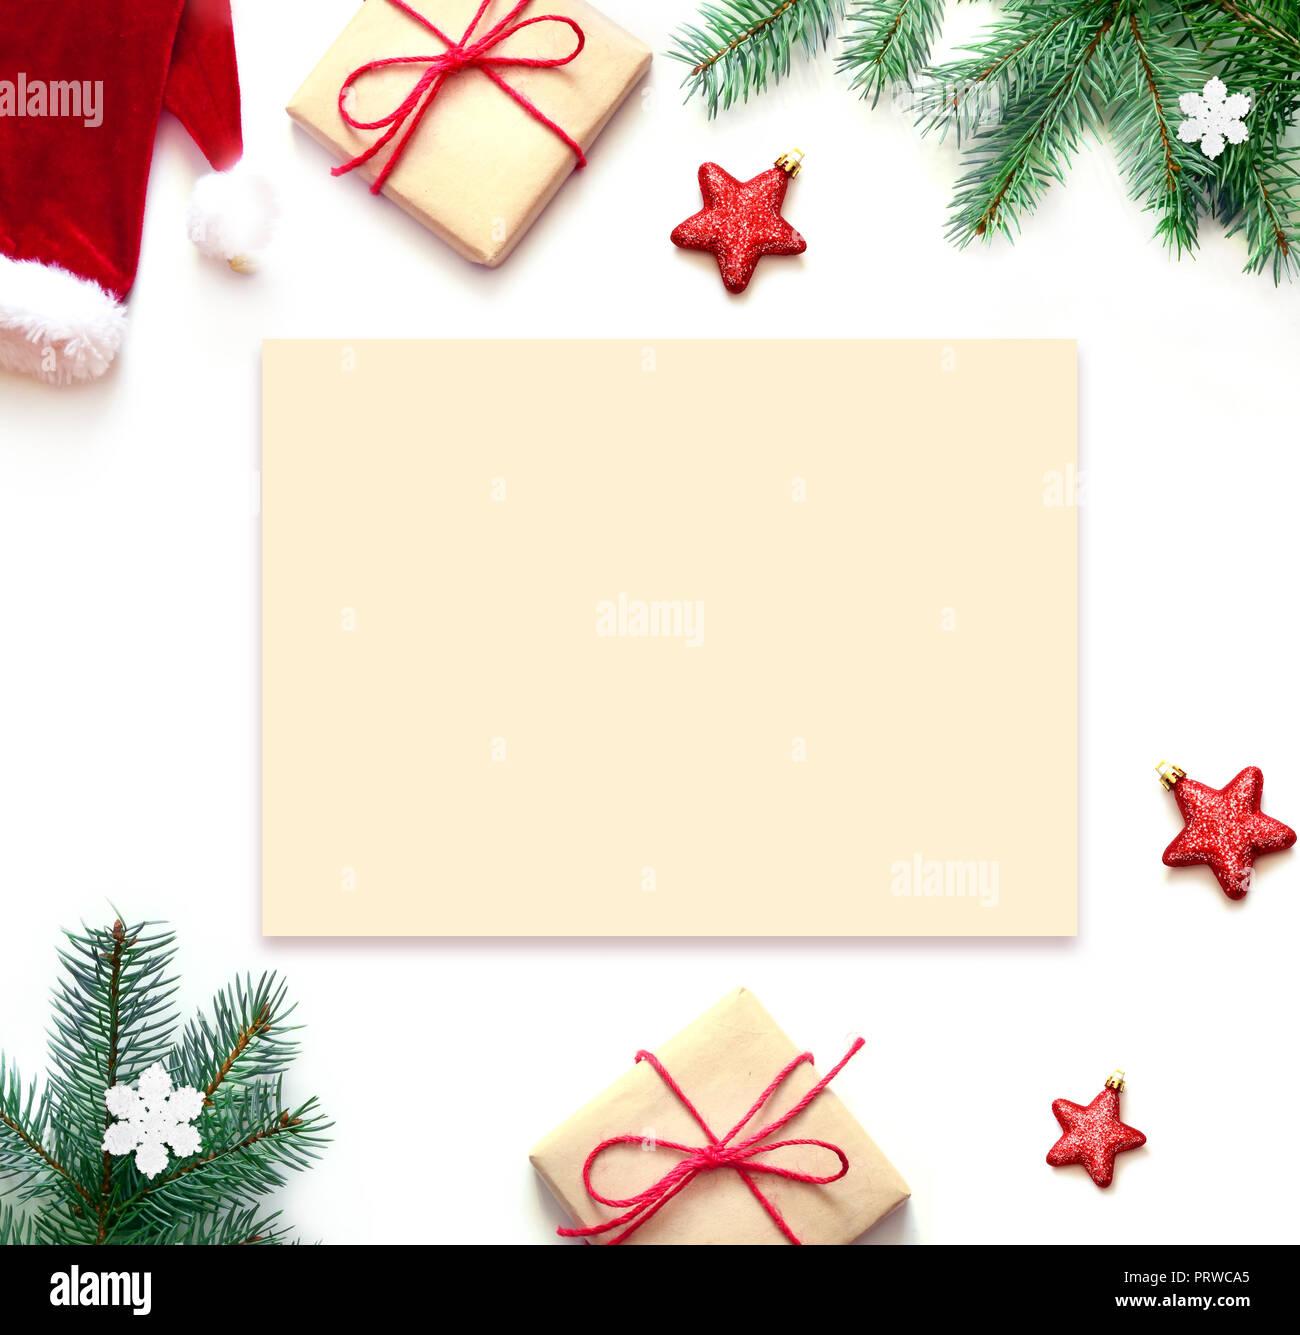 Christmas Top View.Christmas Composition Christmas Gift Stars And Fir Tree